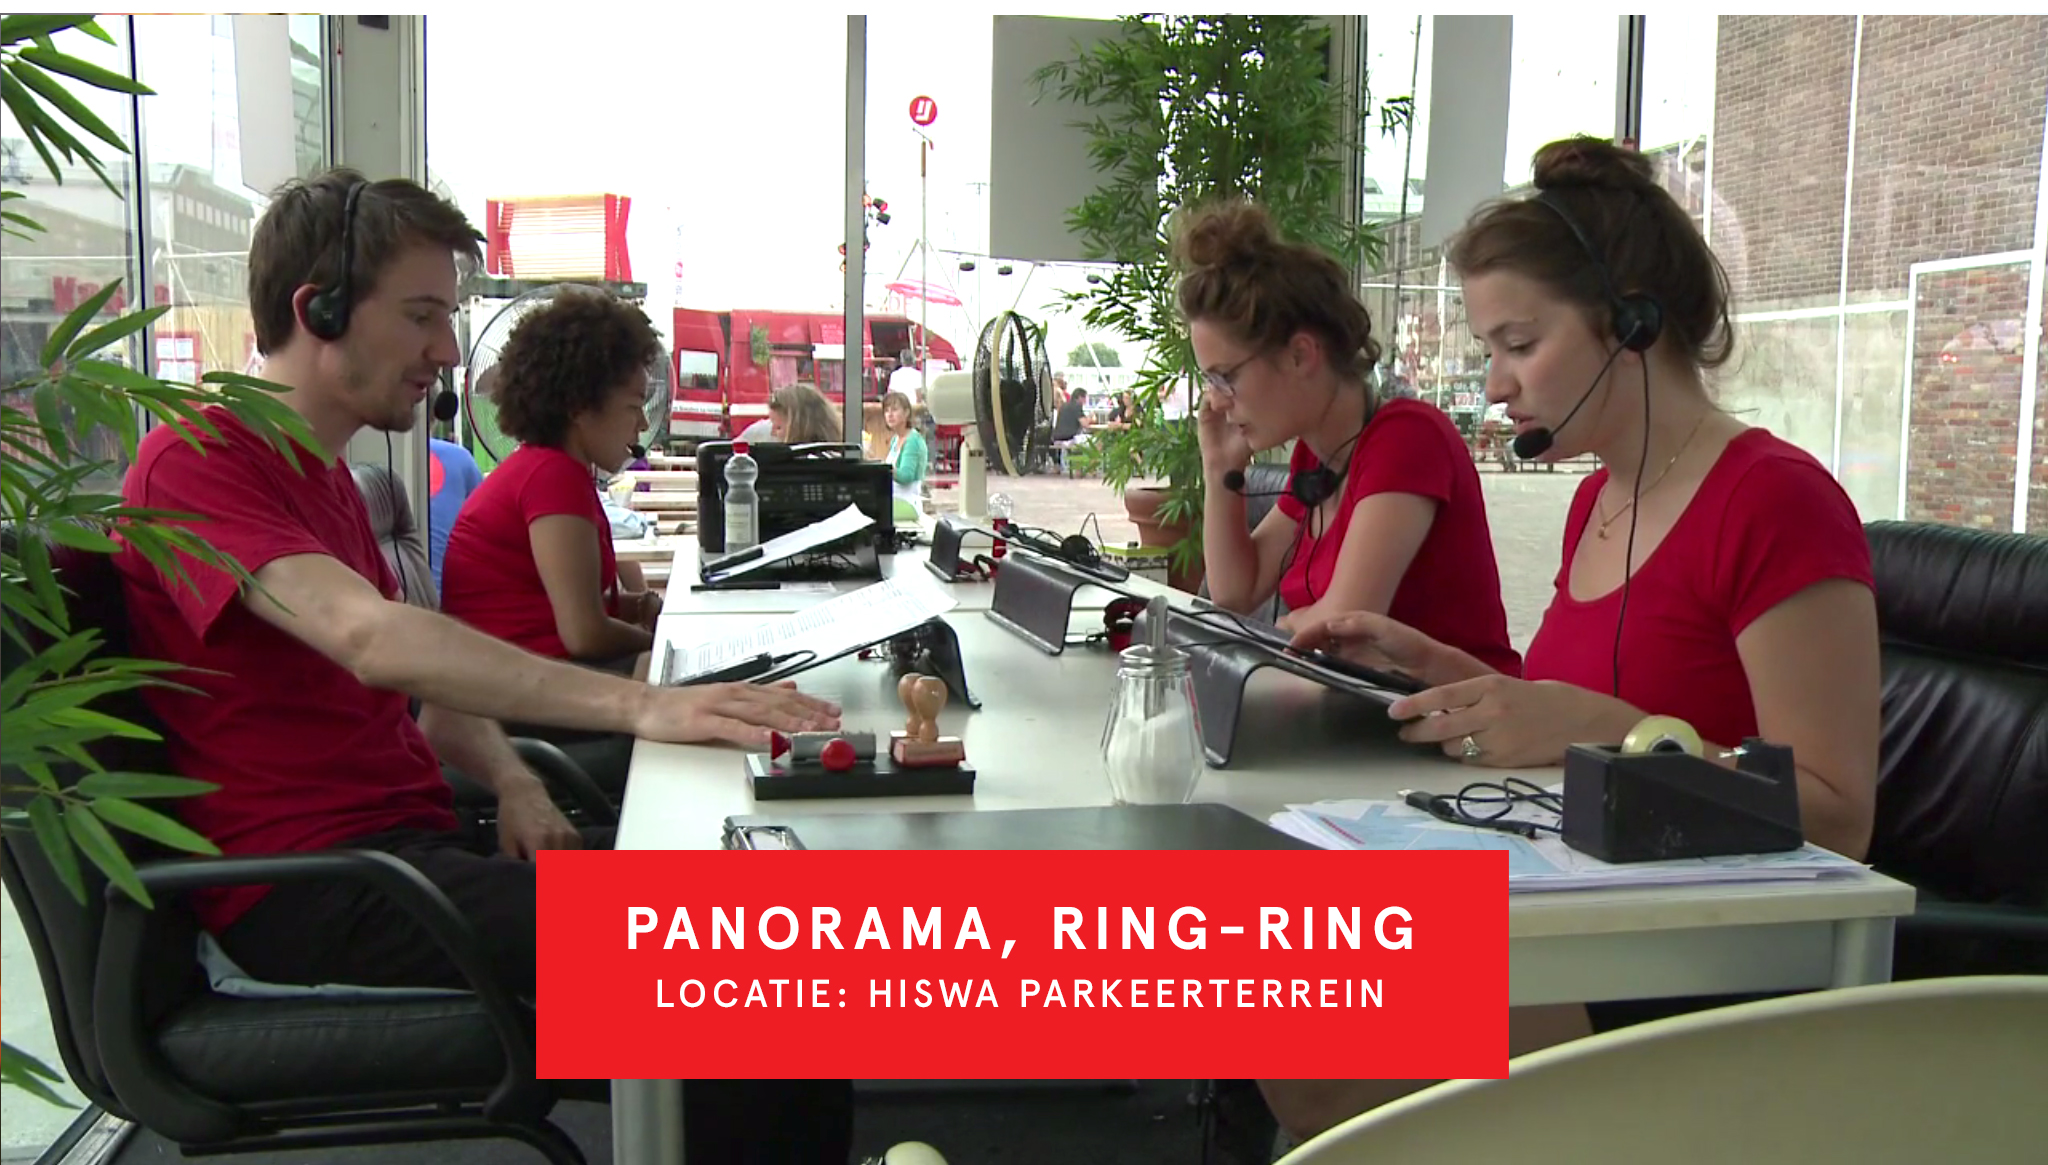 Panorama Ring Ring 'HISWA parkeerterrein'